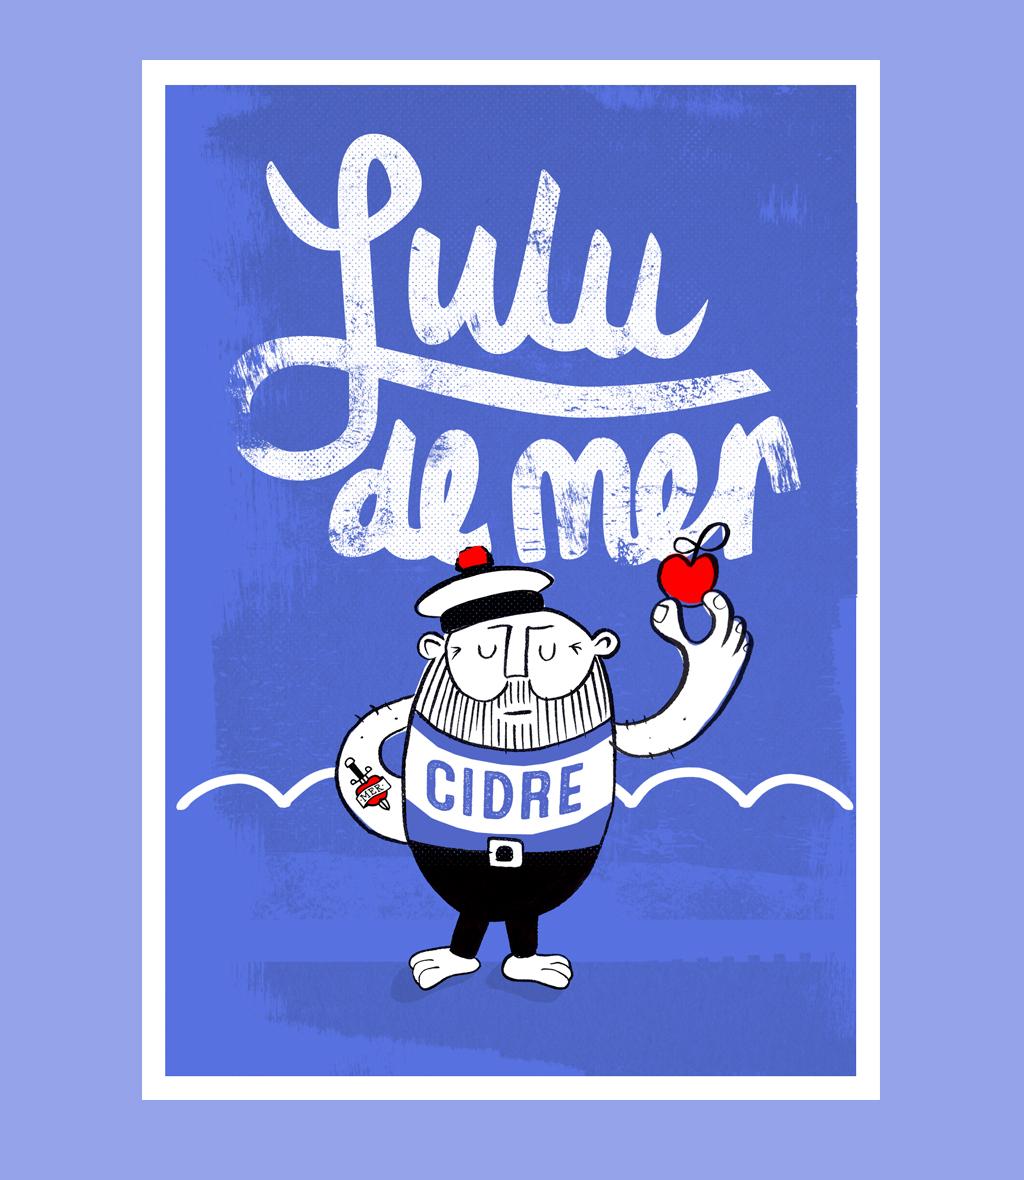 Lulu label design